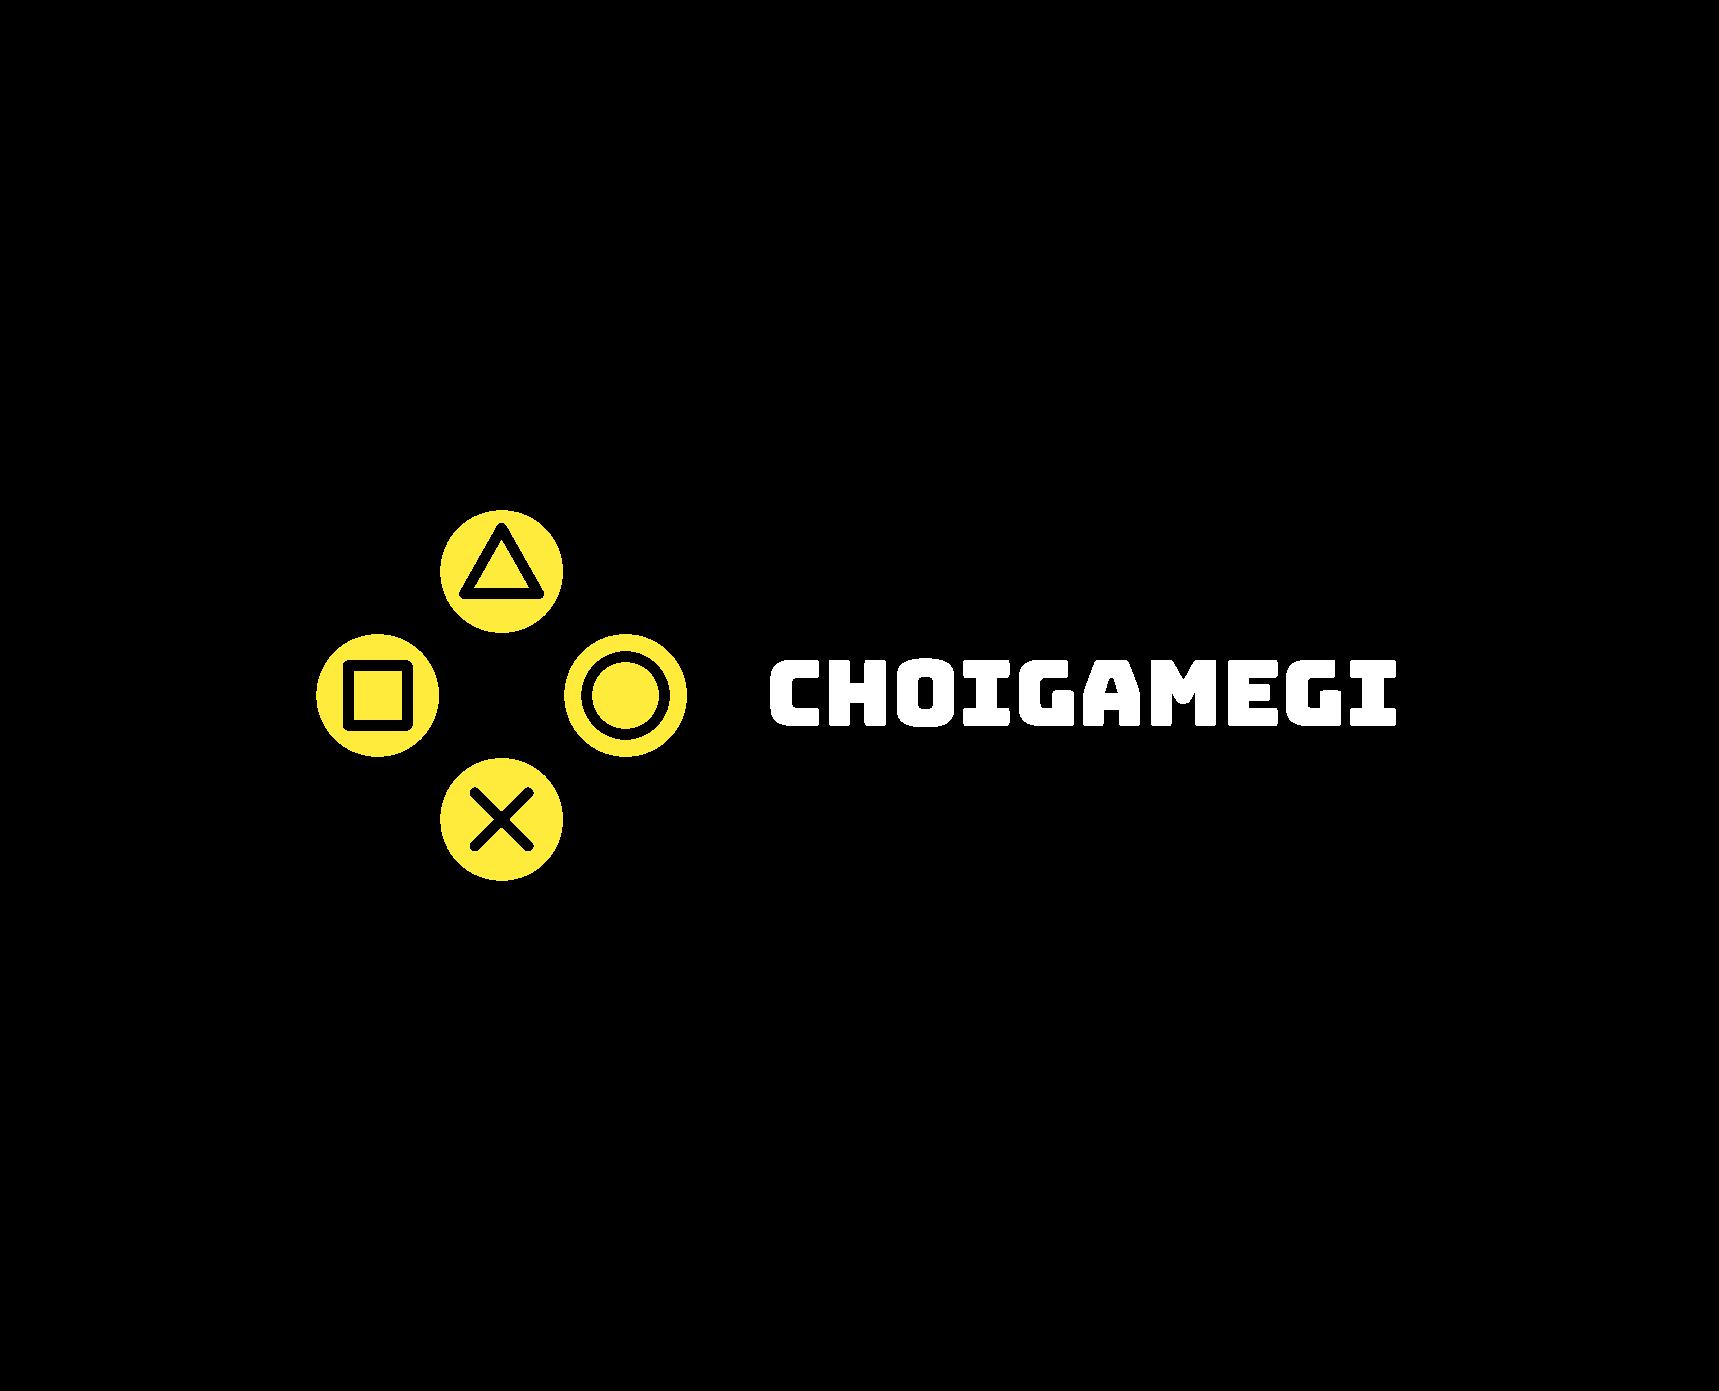 Choigamegi.com